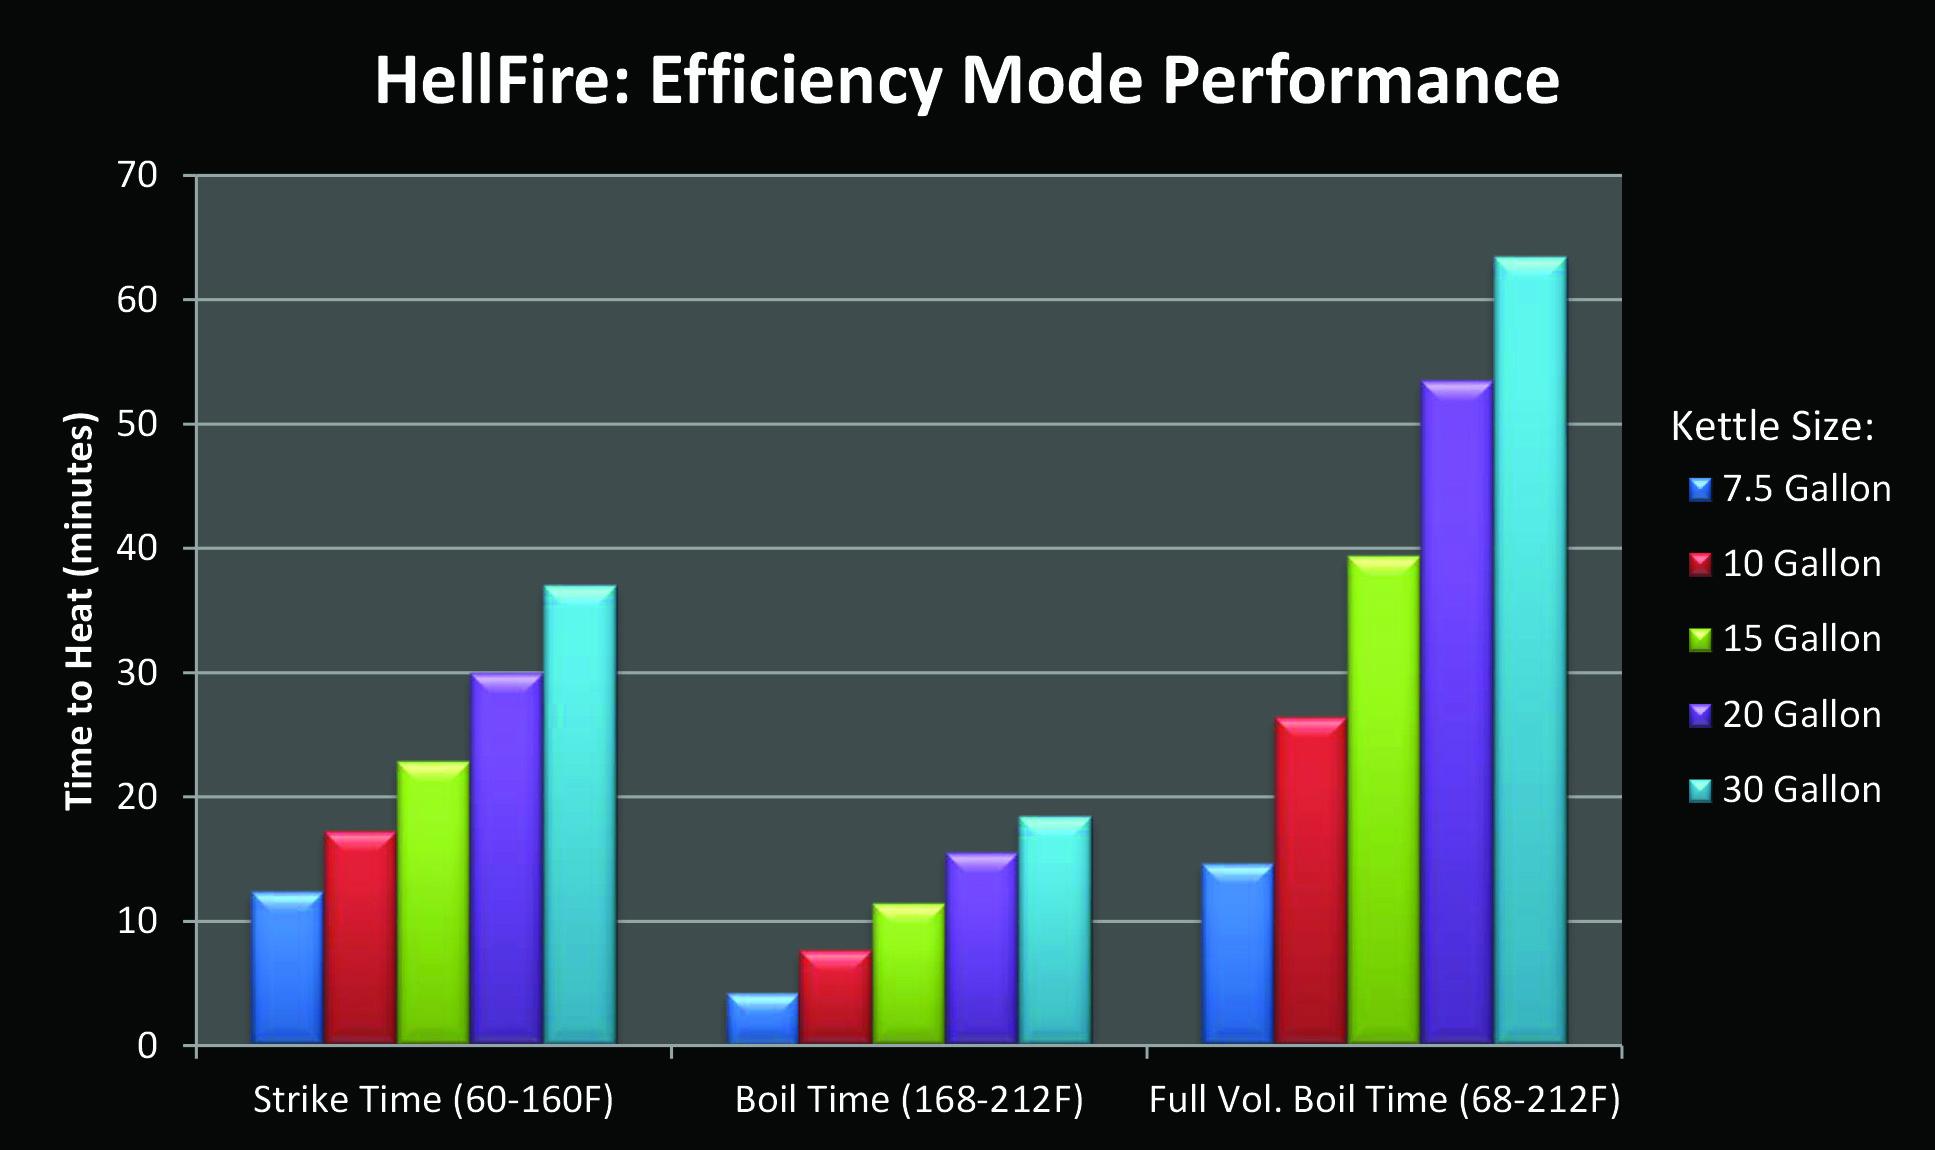 Burner Hellfire Floor Model